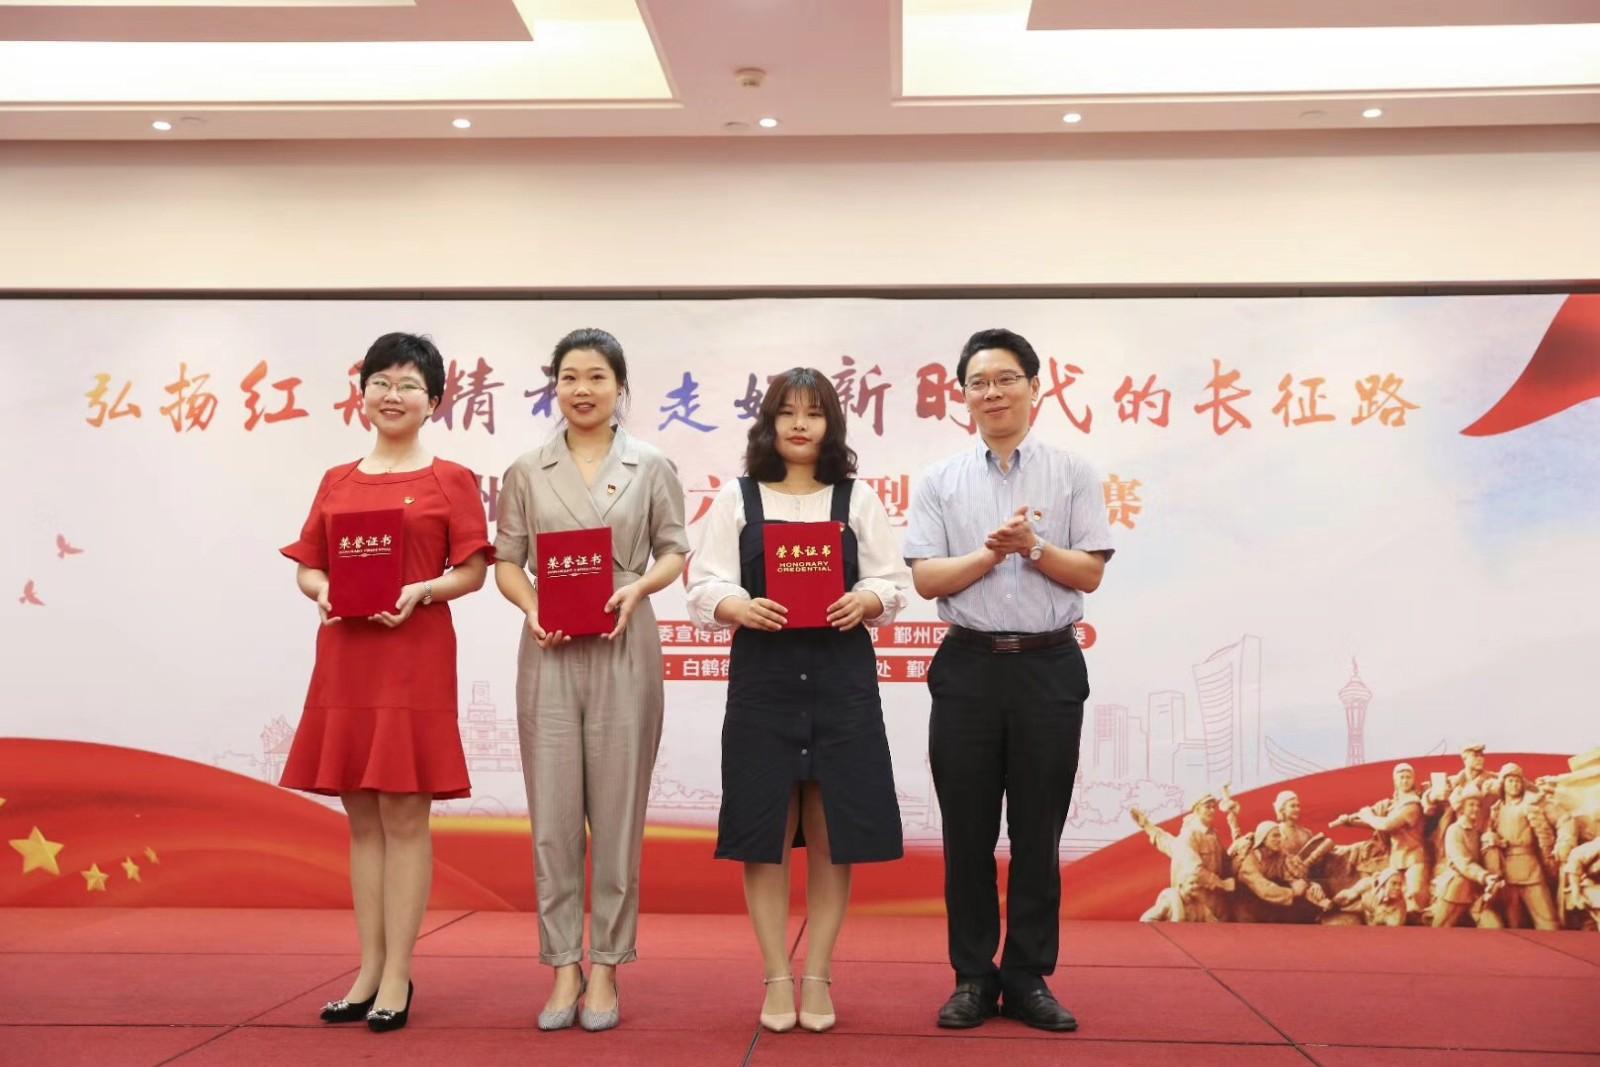 黄菲在鄞州区微型党课决赛中获得一等奖